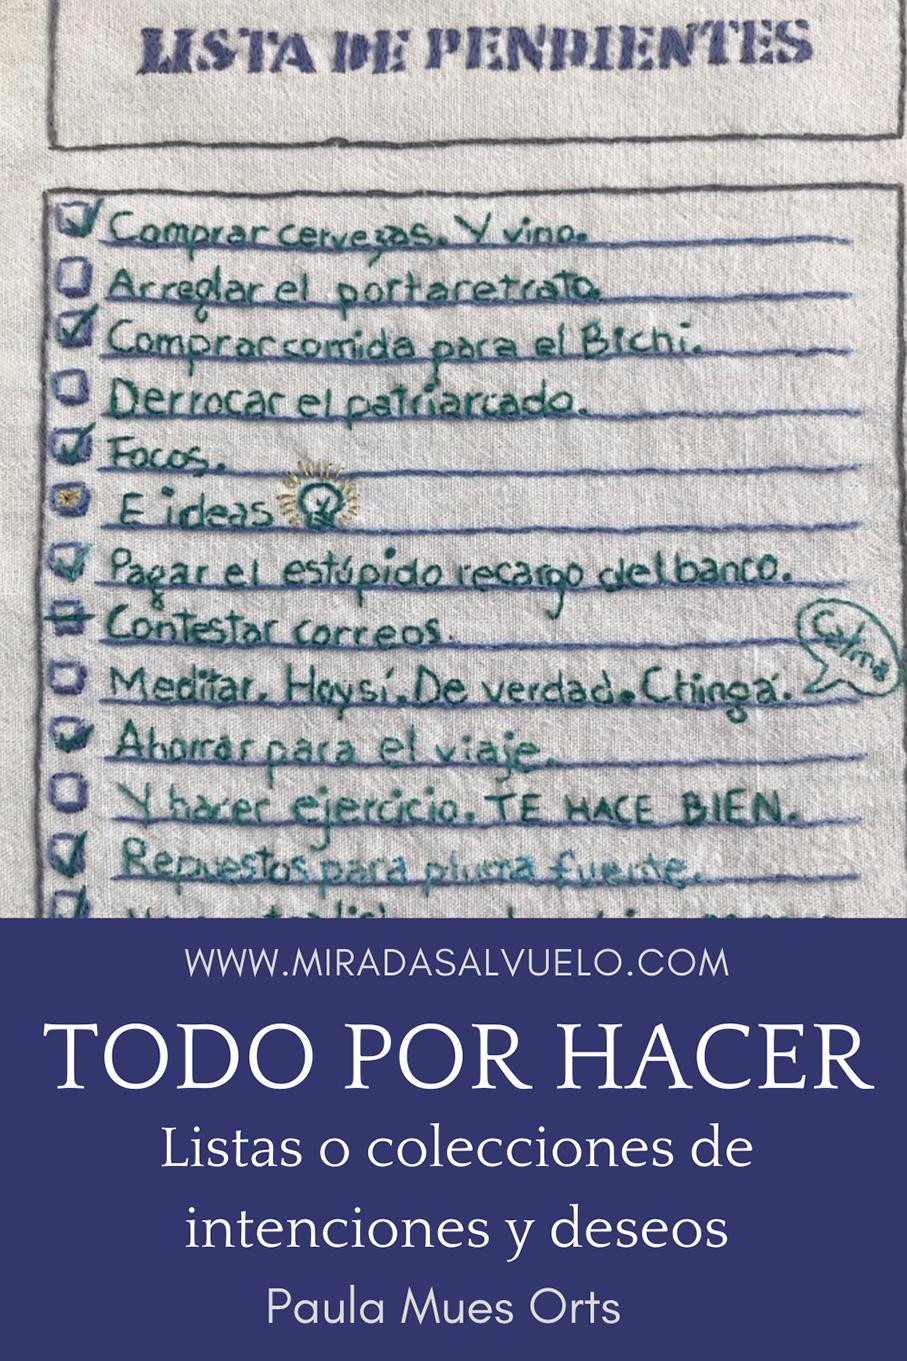 ToDo_por_hacer_listas_o_colecciones